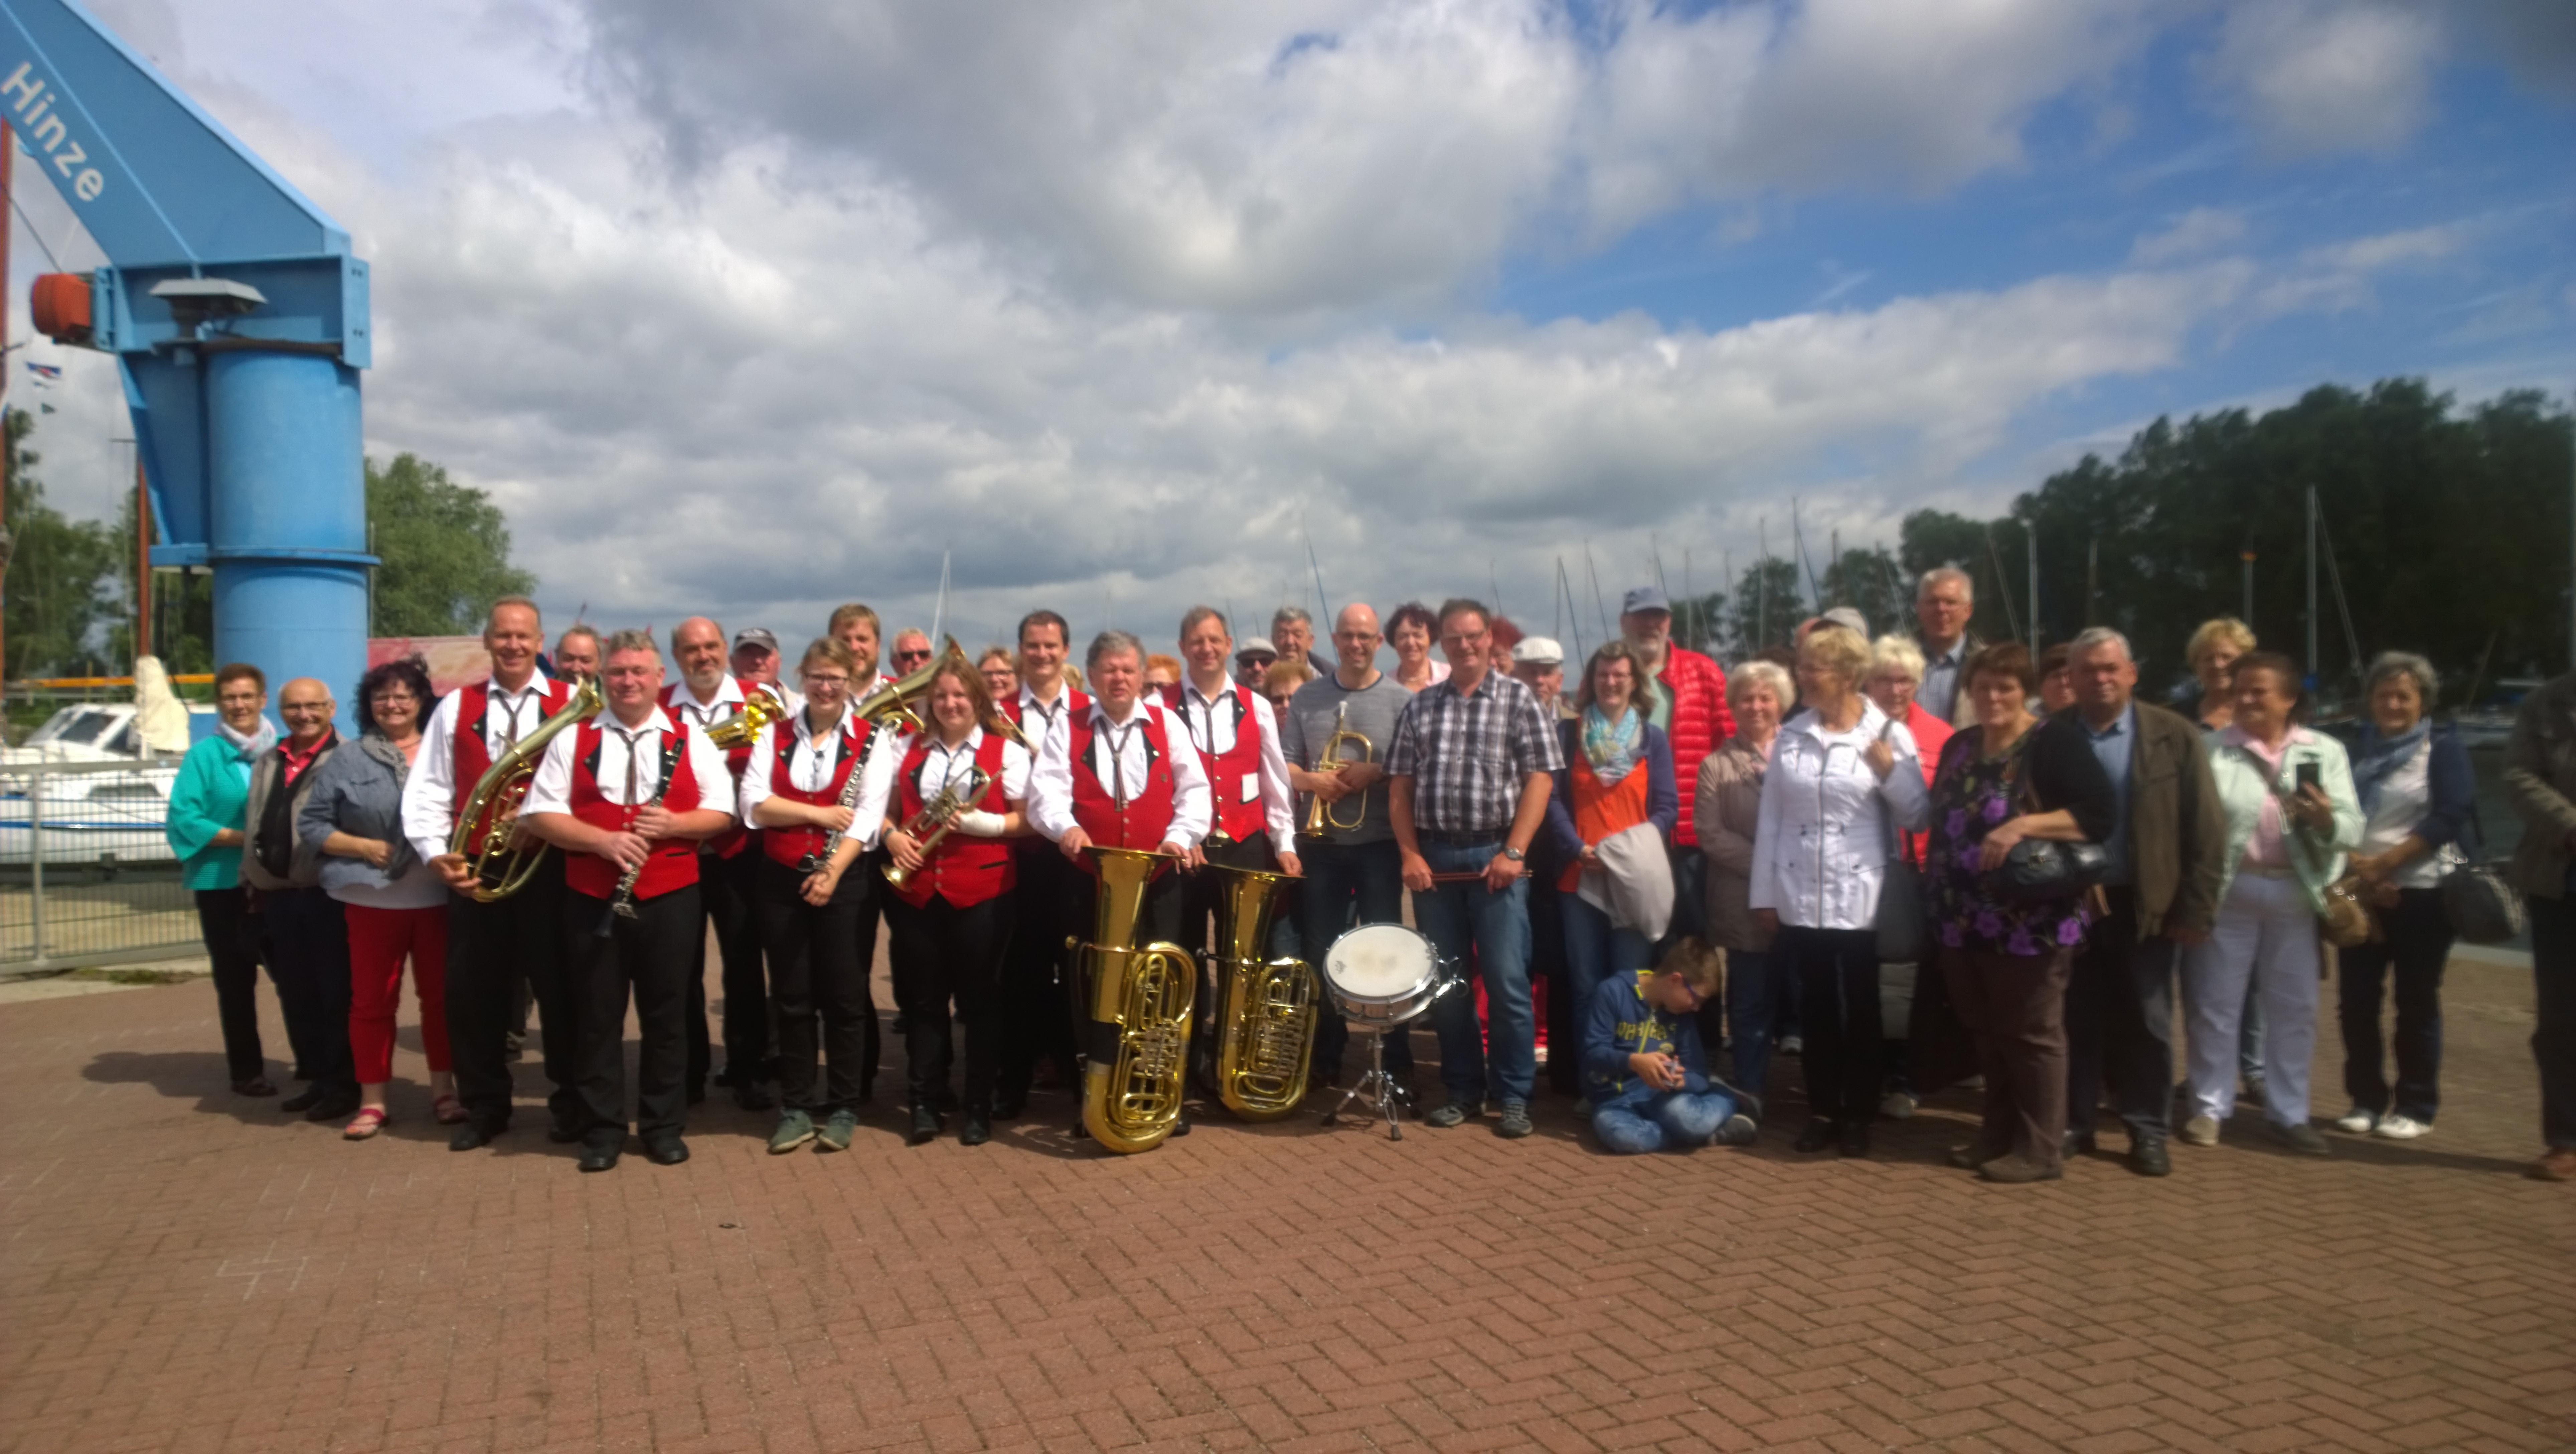 Die Eichsfeldmusikanten mit Freunden und Fans am Stettiner Haff in Mönkebude